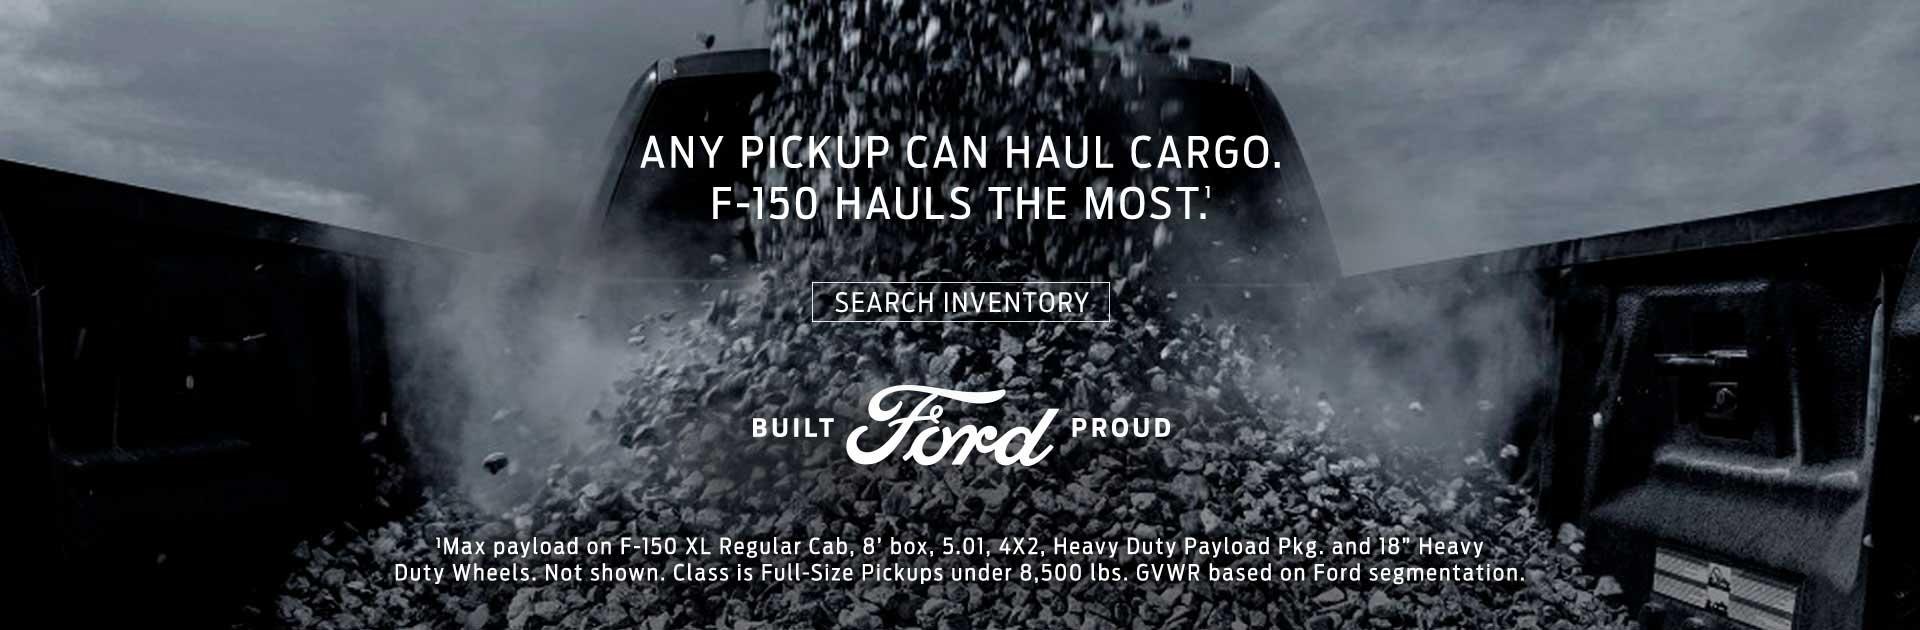 Ford Dealership In Denver Co Barbees Freeway Inc 2003 Jeep Wrangler Fuel Filter Location Shop Make Model